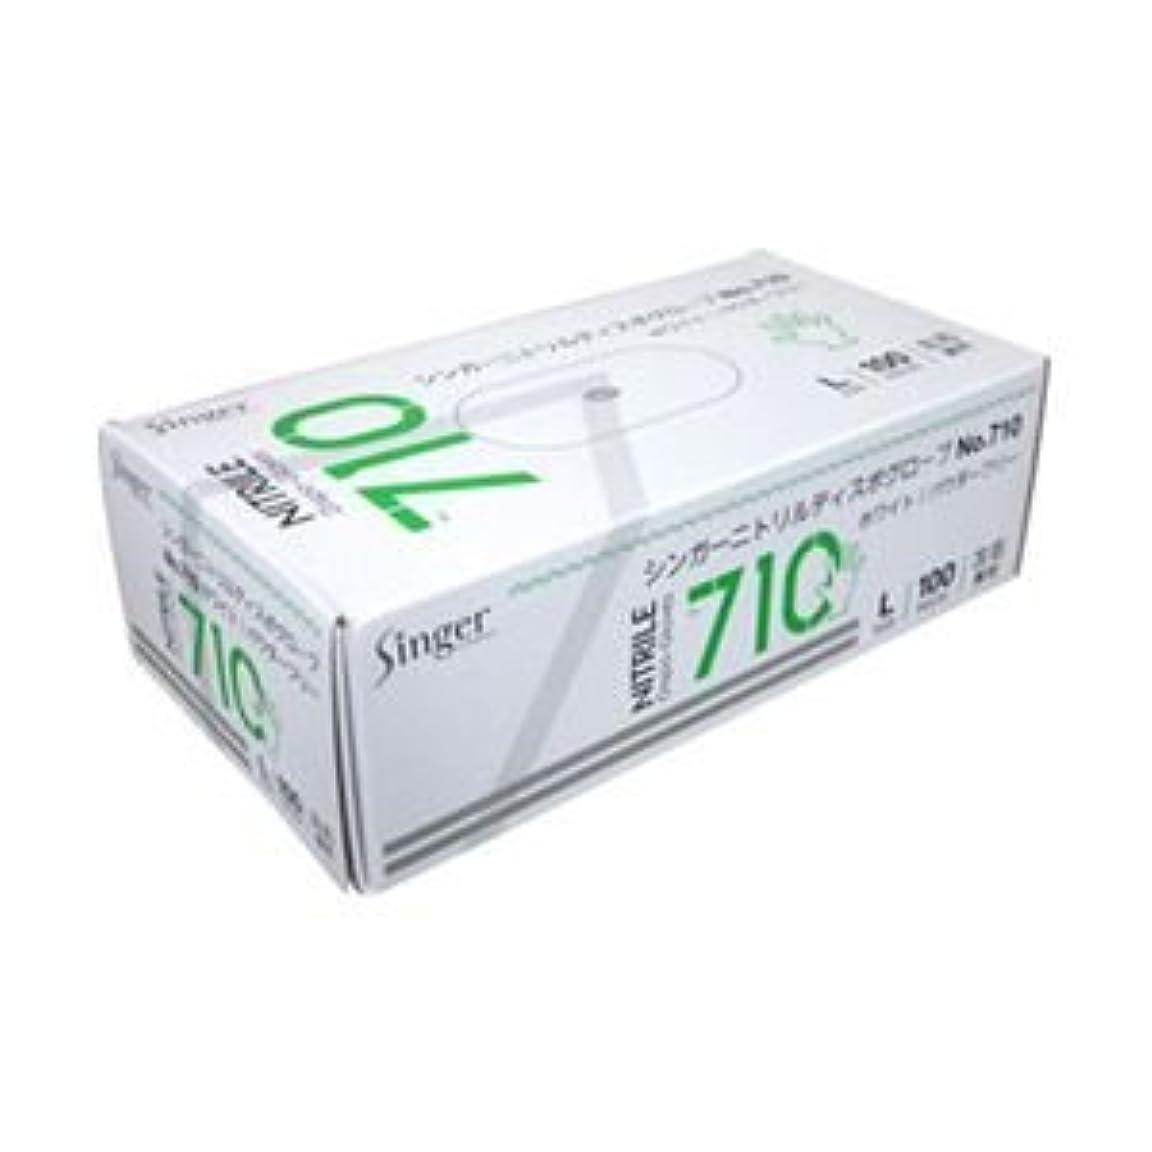 ブリリアントチロ立ち寄る宇都宮製作 ニトリル手袋 粉なし ホワイト L 1箱(100枚) ×5セット